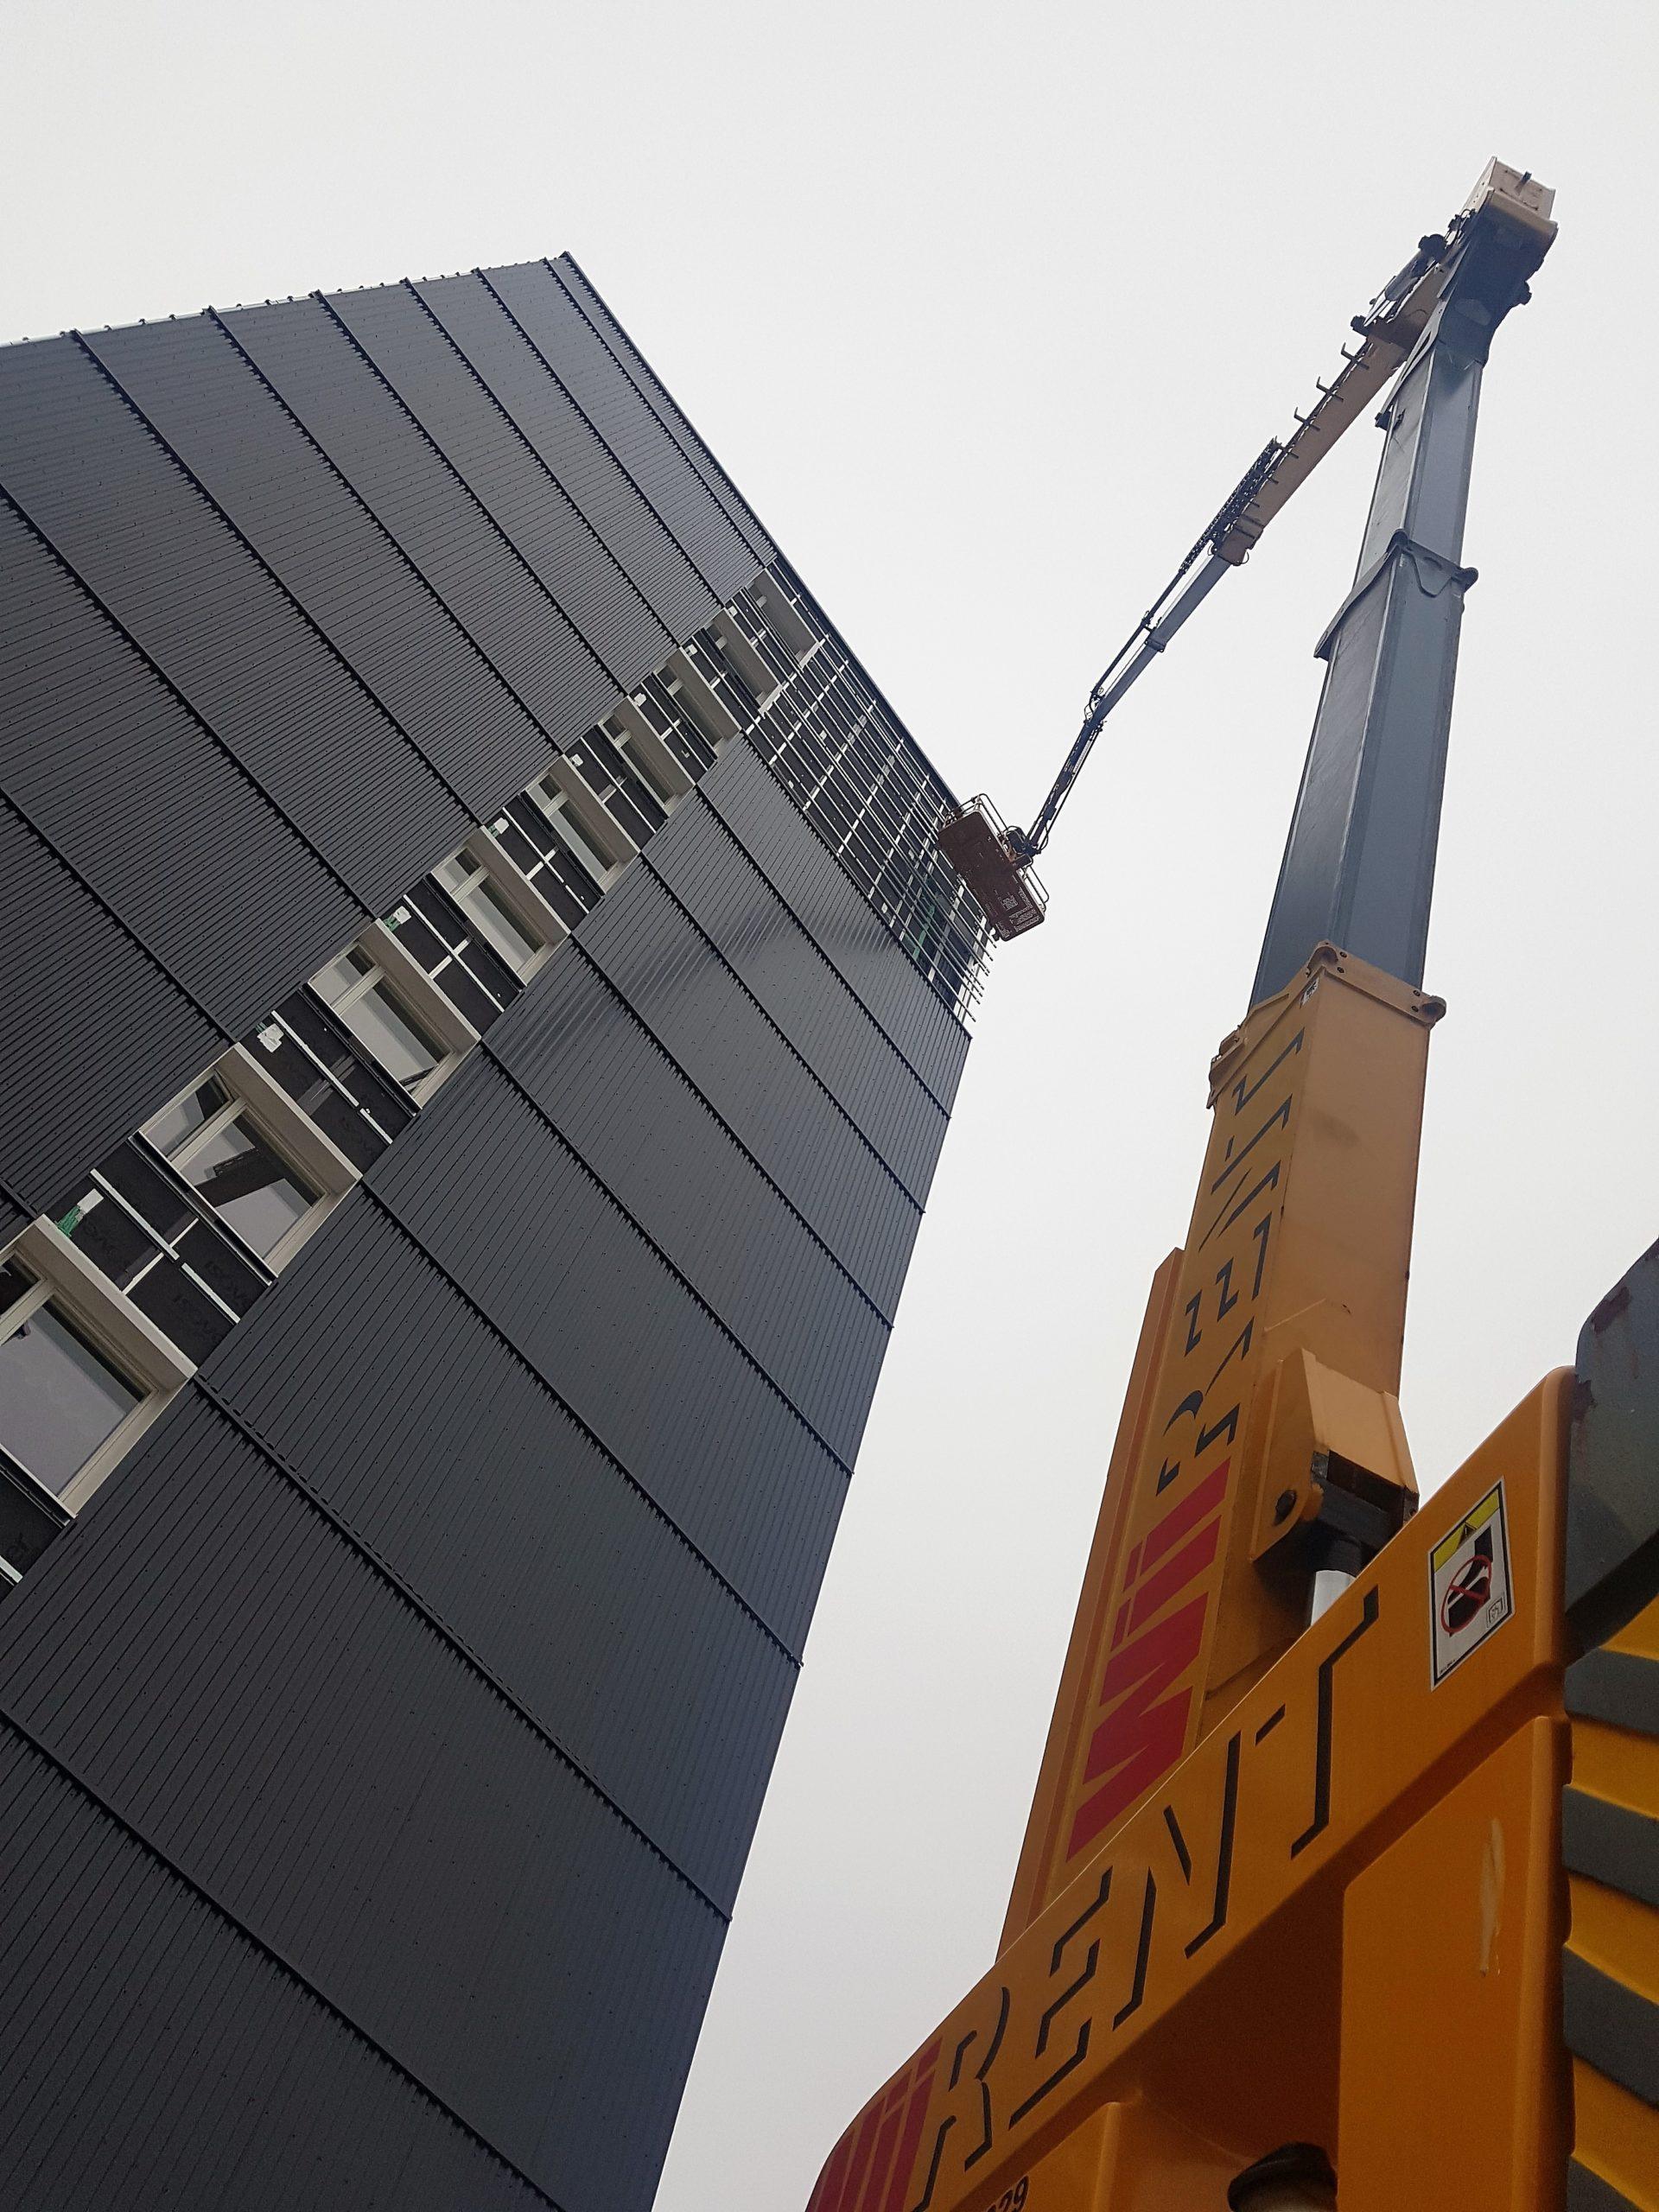 41m kuukulkija vuokrattuna työmaalle Porissa